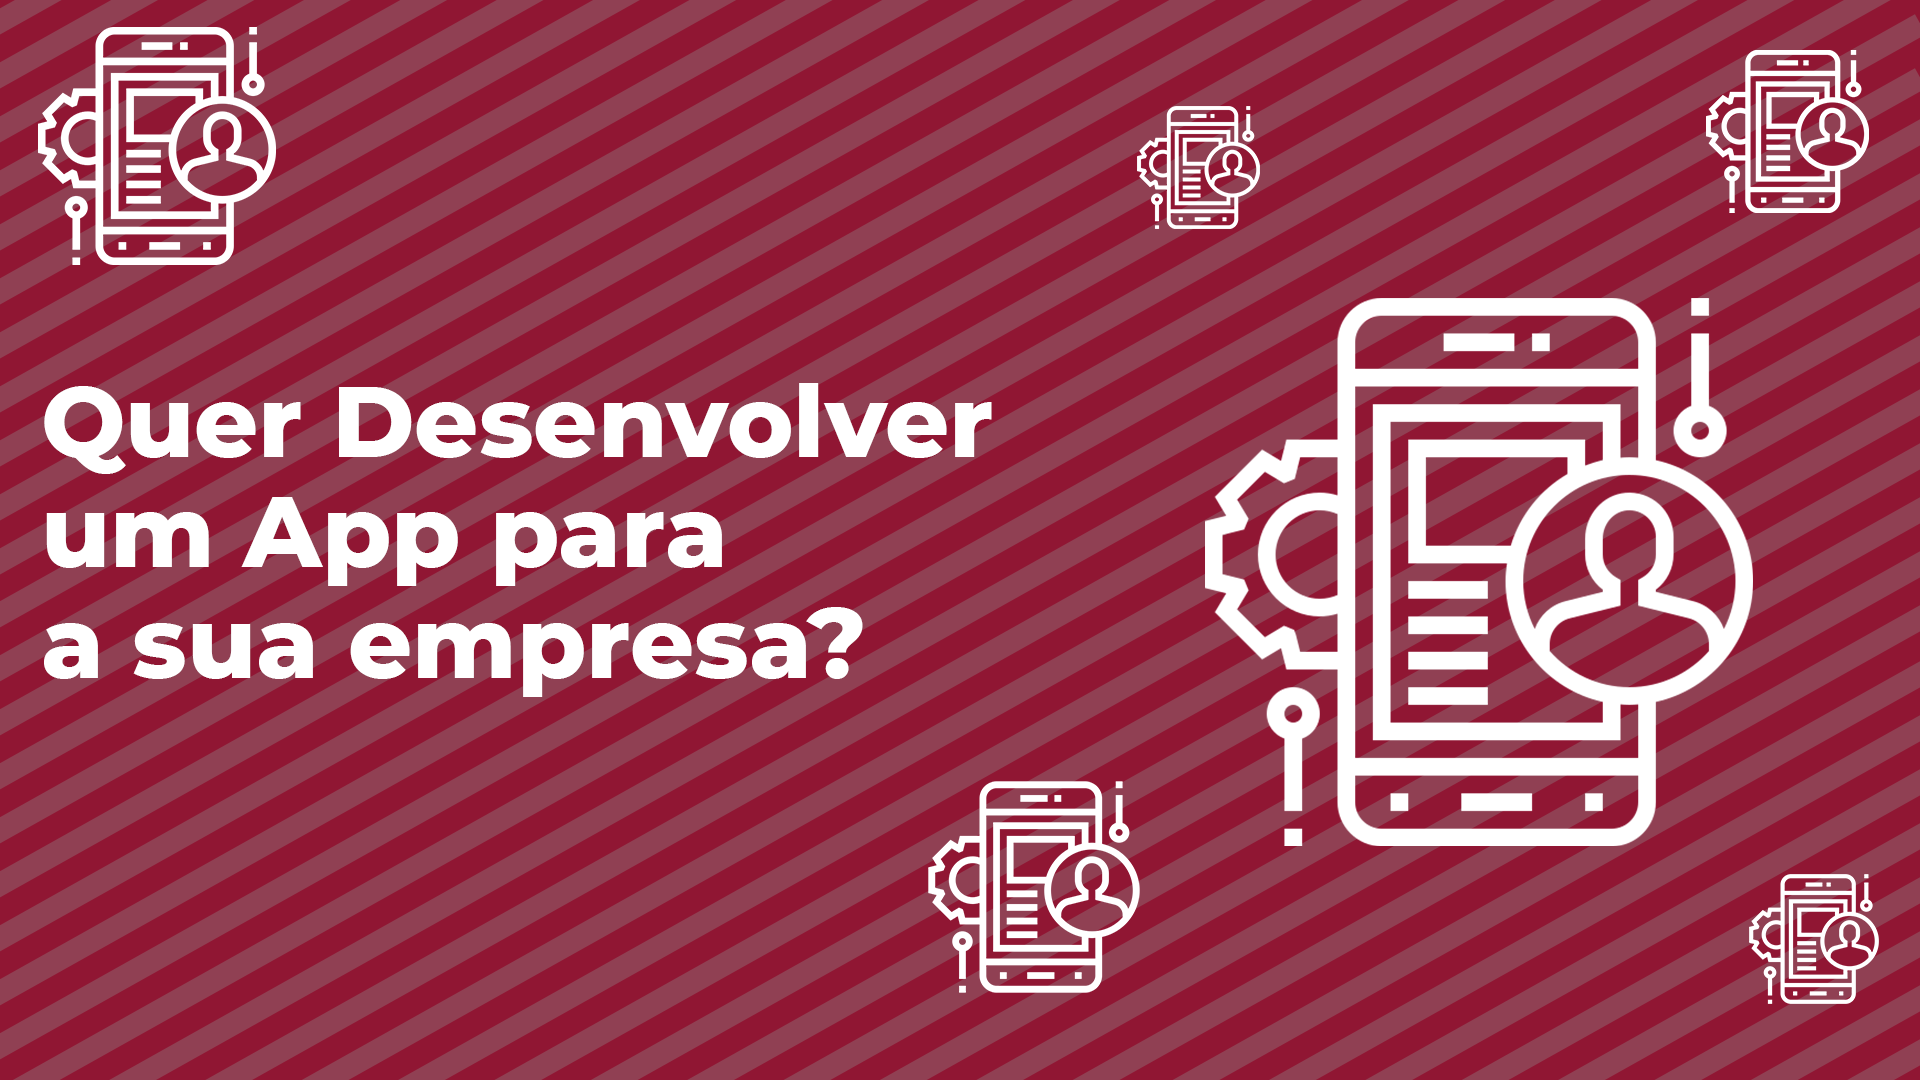 Quer Desenvolver um App para a sua empresa?